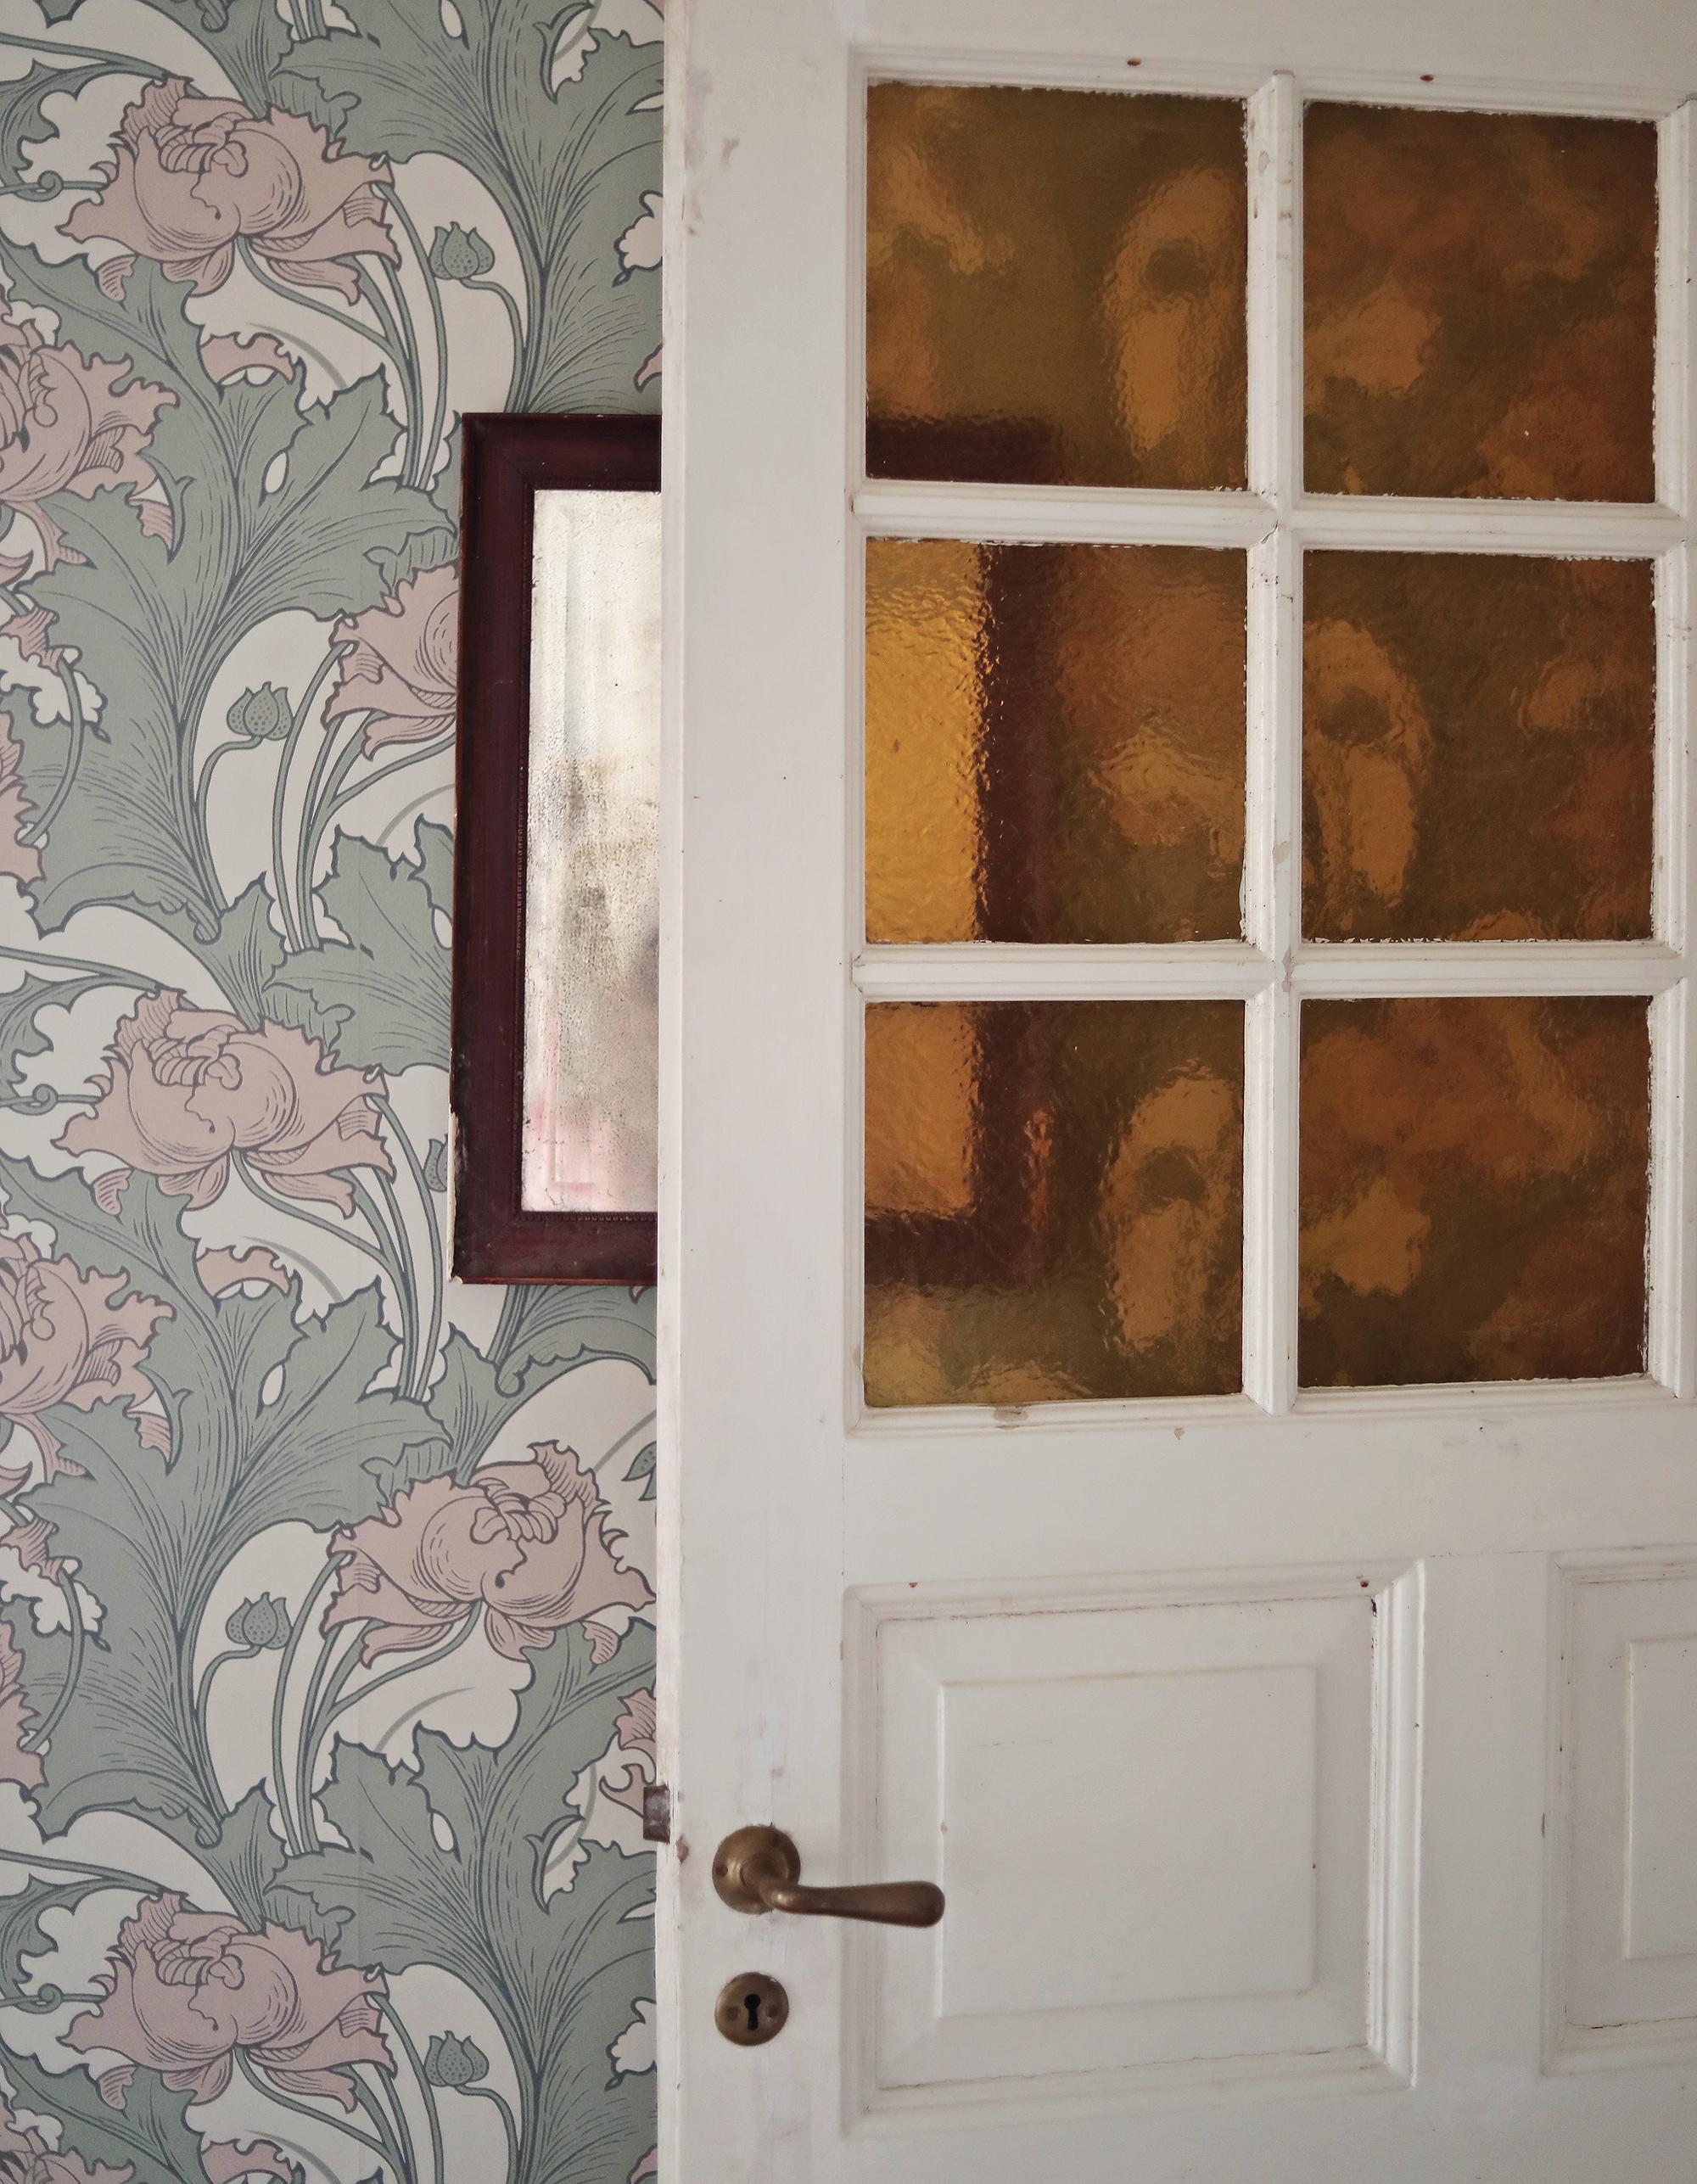 tapet tapeter wallpaper Boråstapeter Siri Anno inredning art nouveau